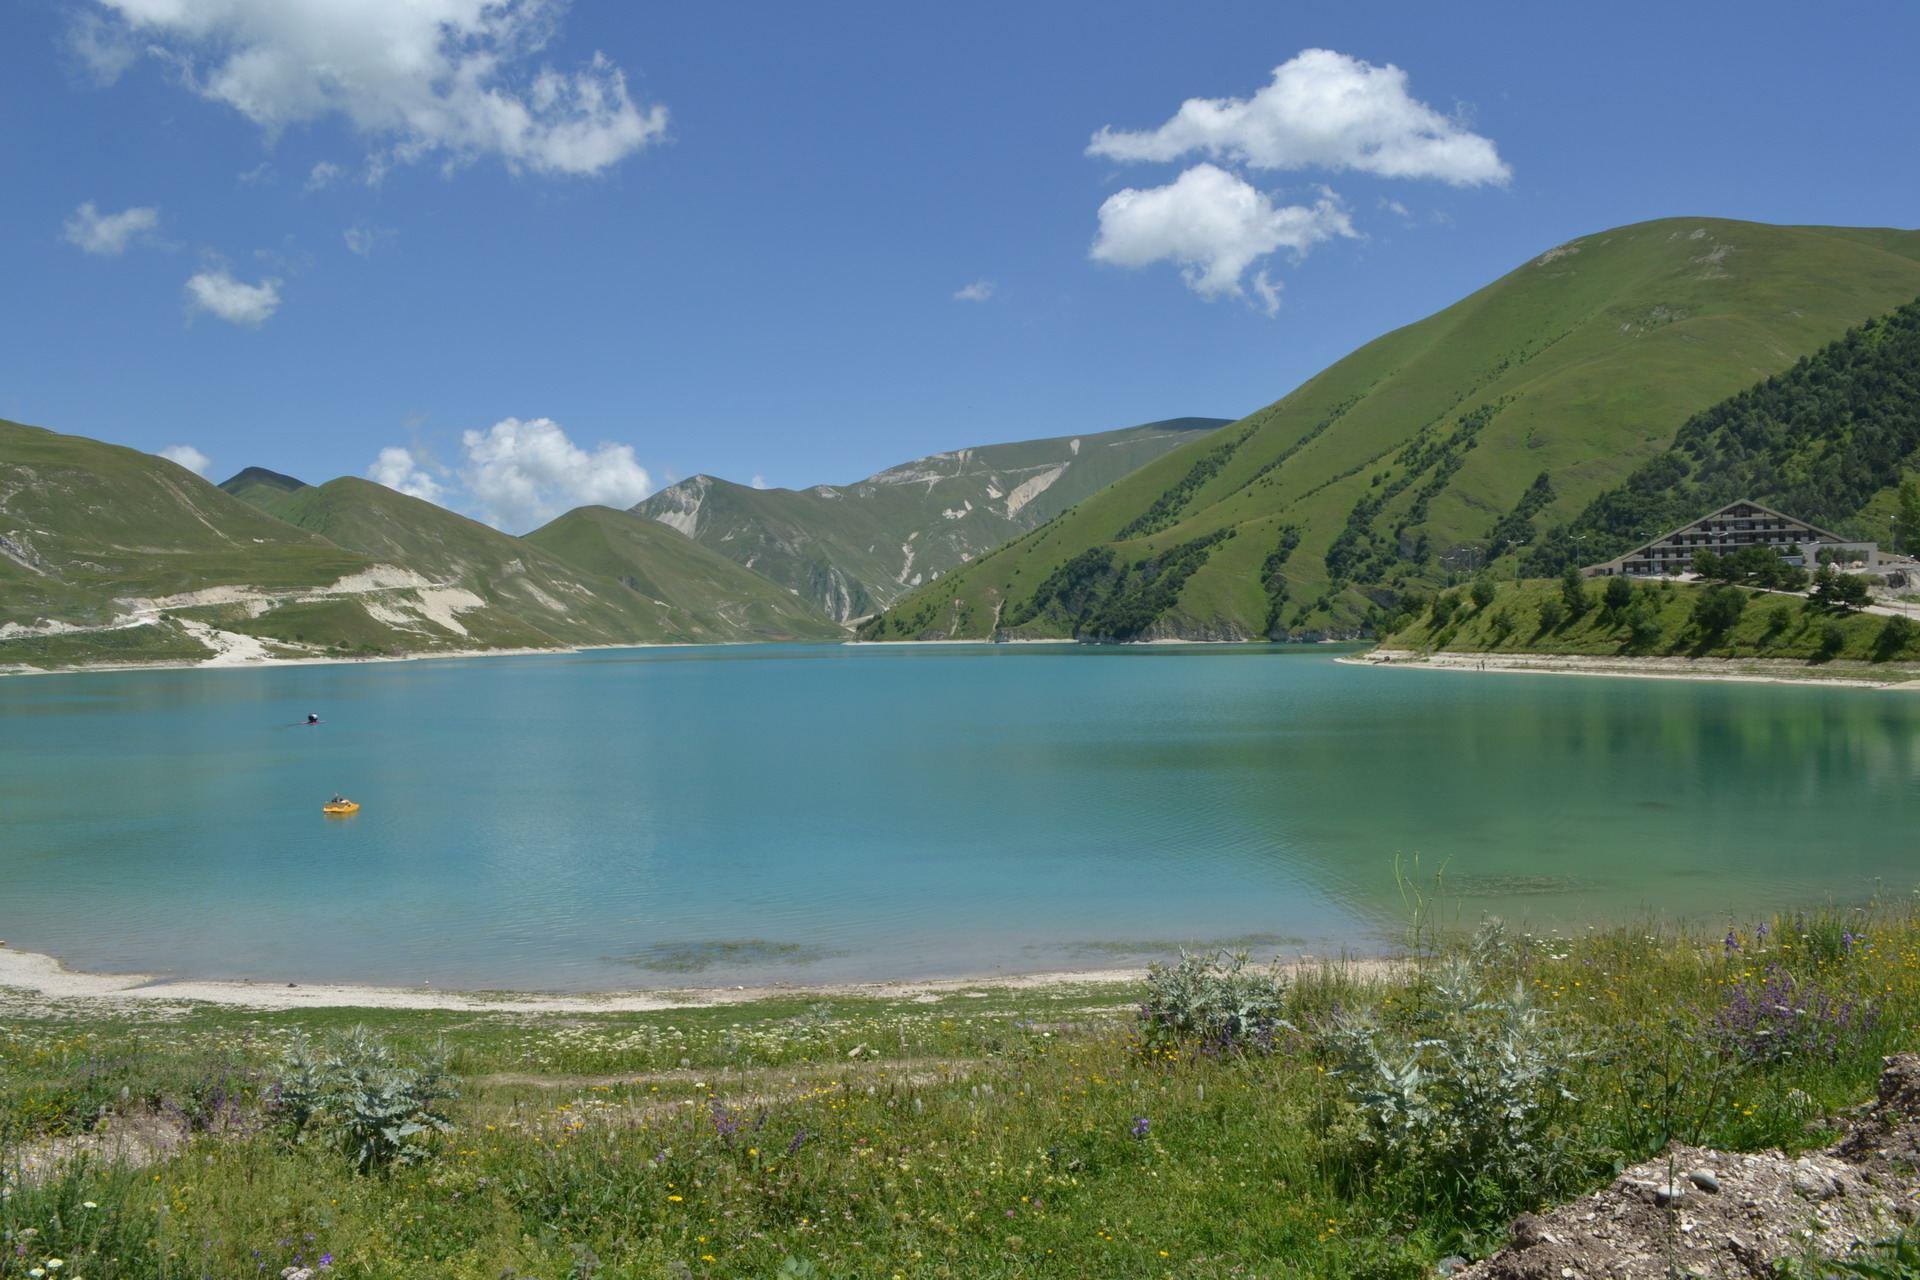 кезеной-ам, озеро, чечня, горы кавказа